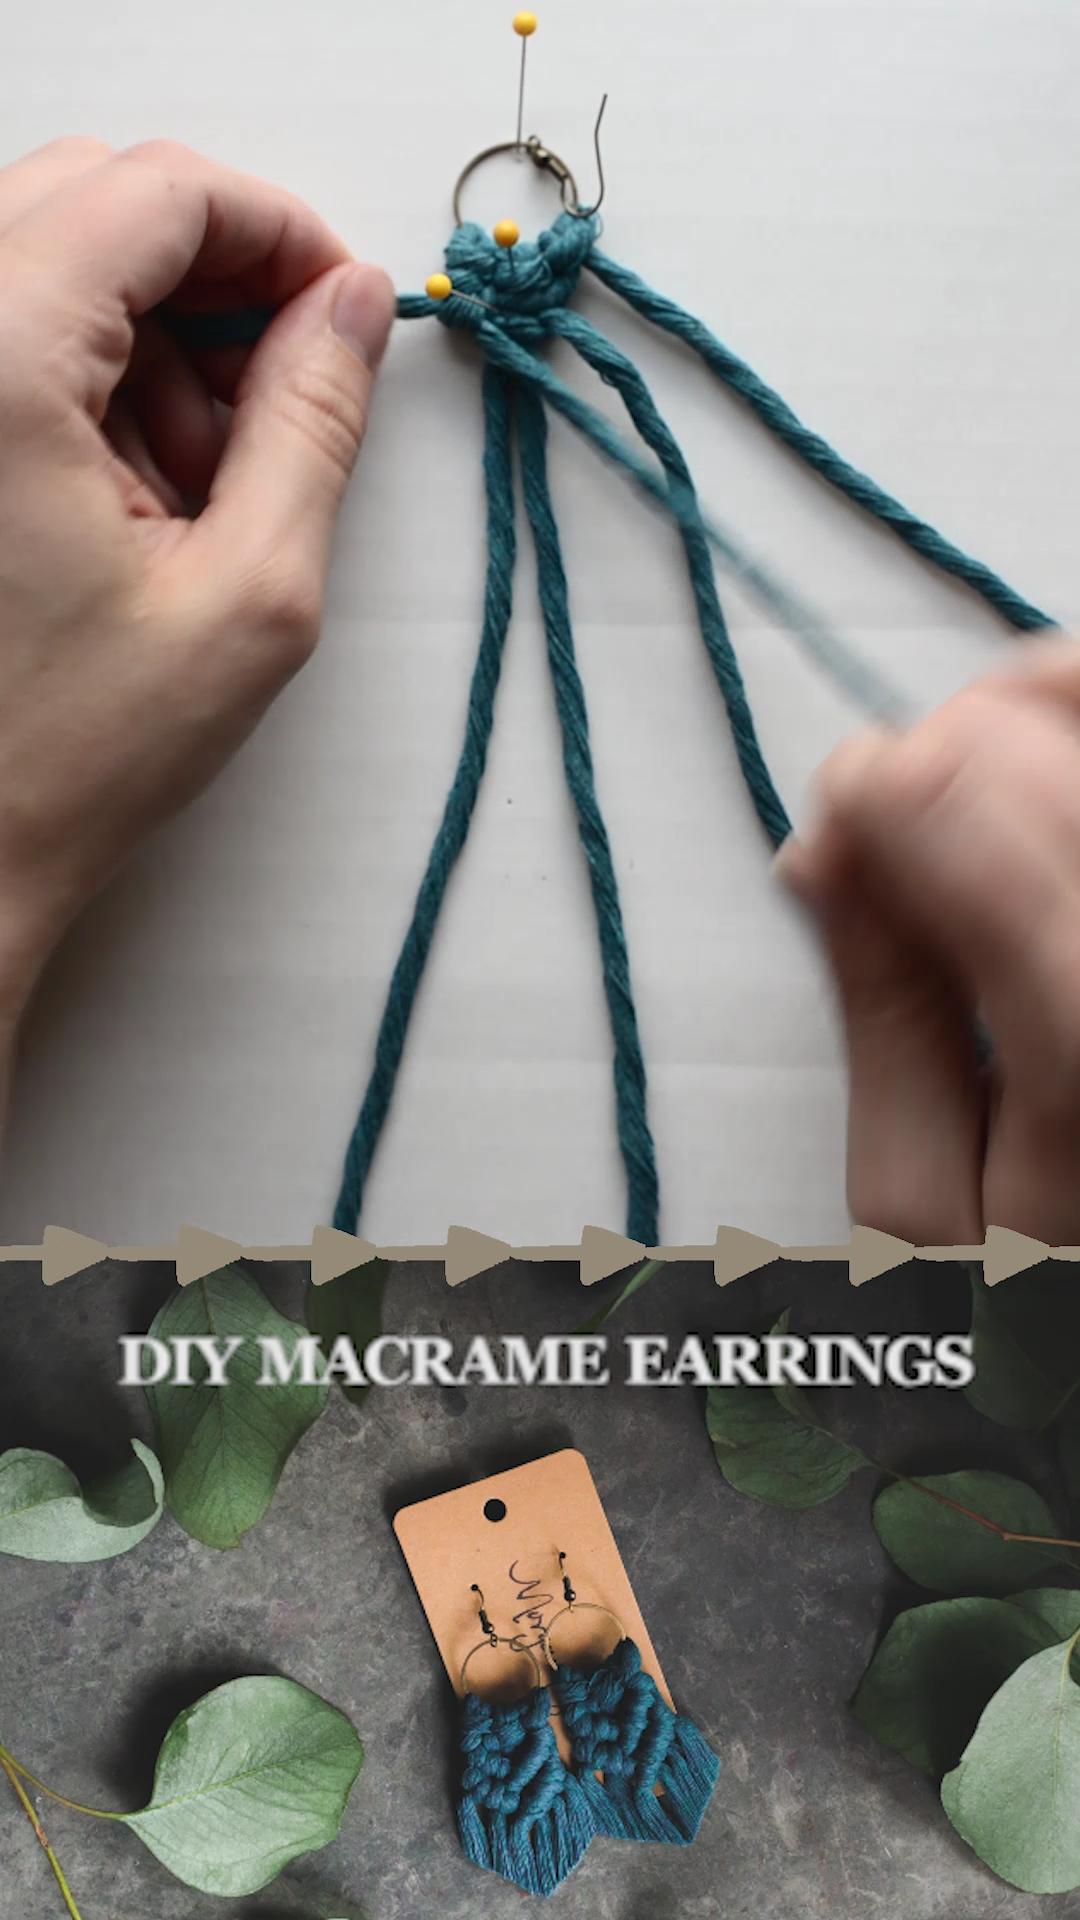 DIY macrame earrings,  #DIY #earrings #macrame